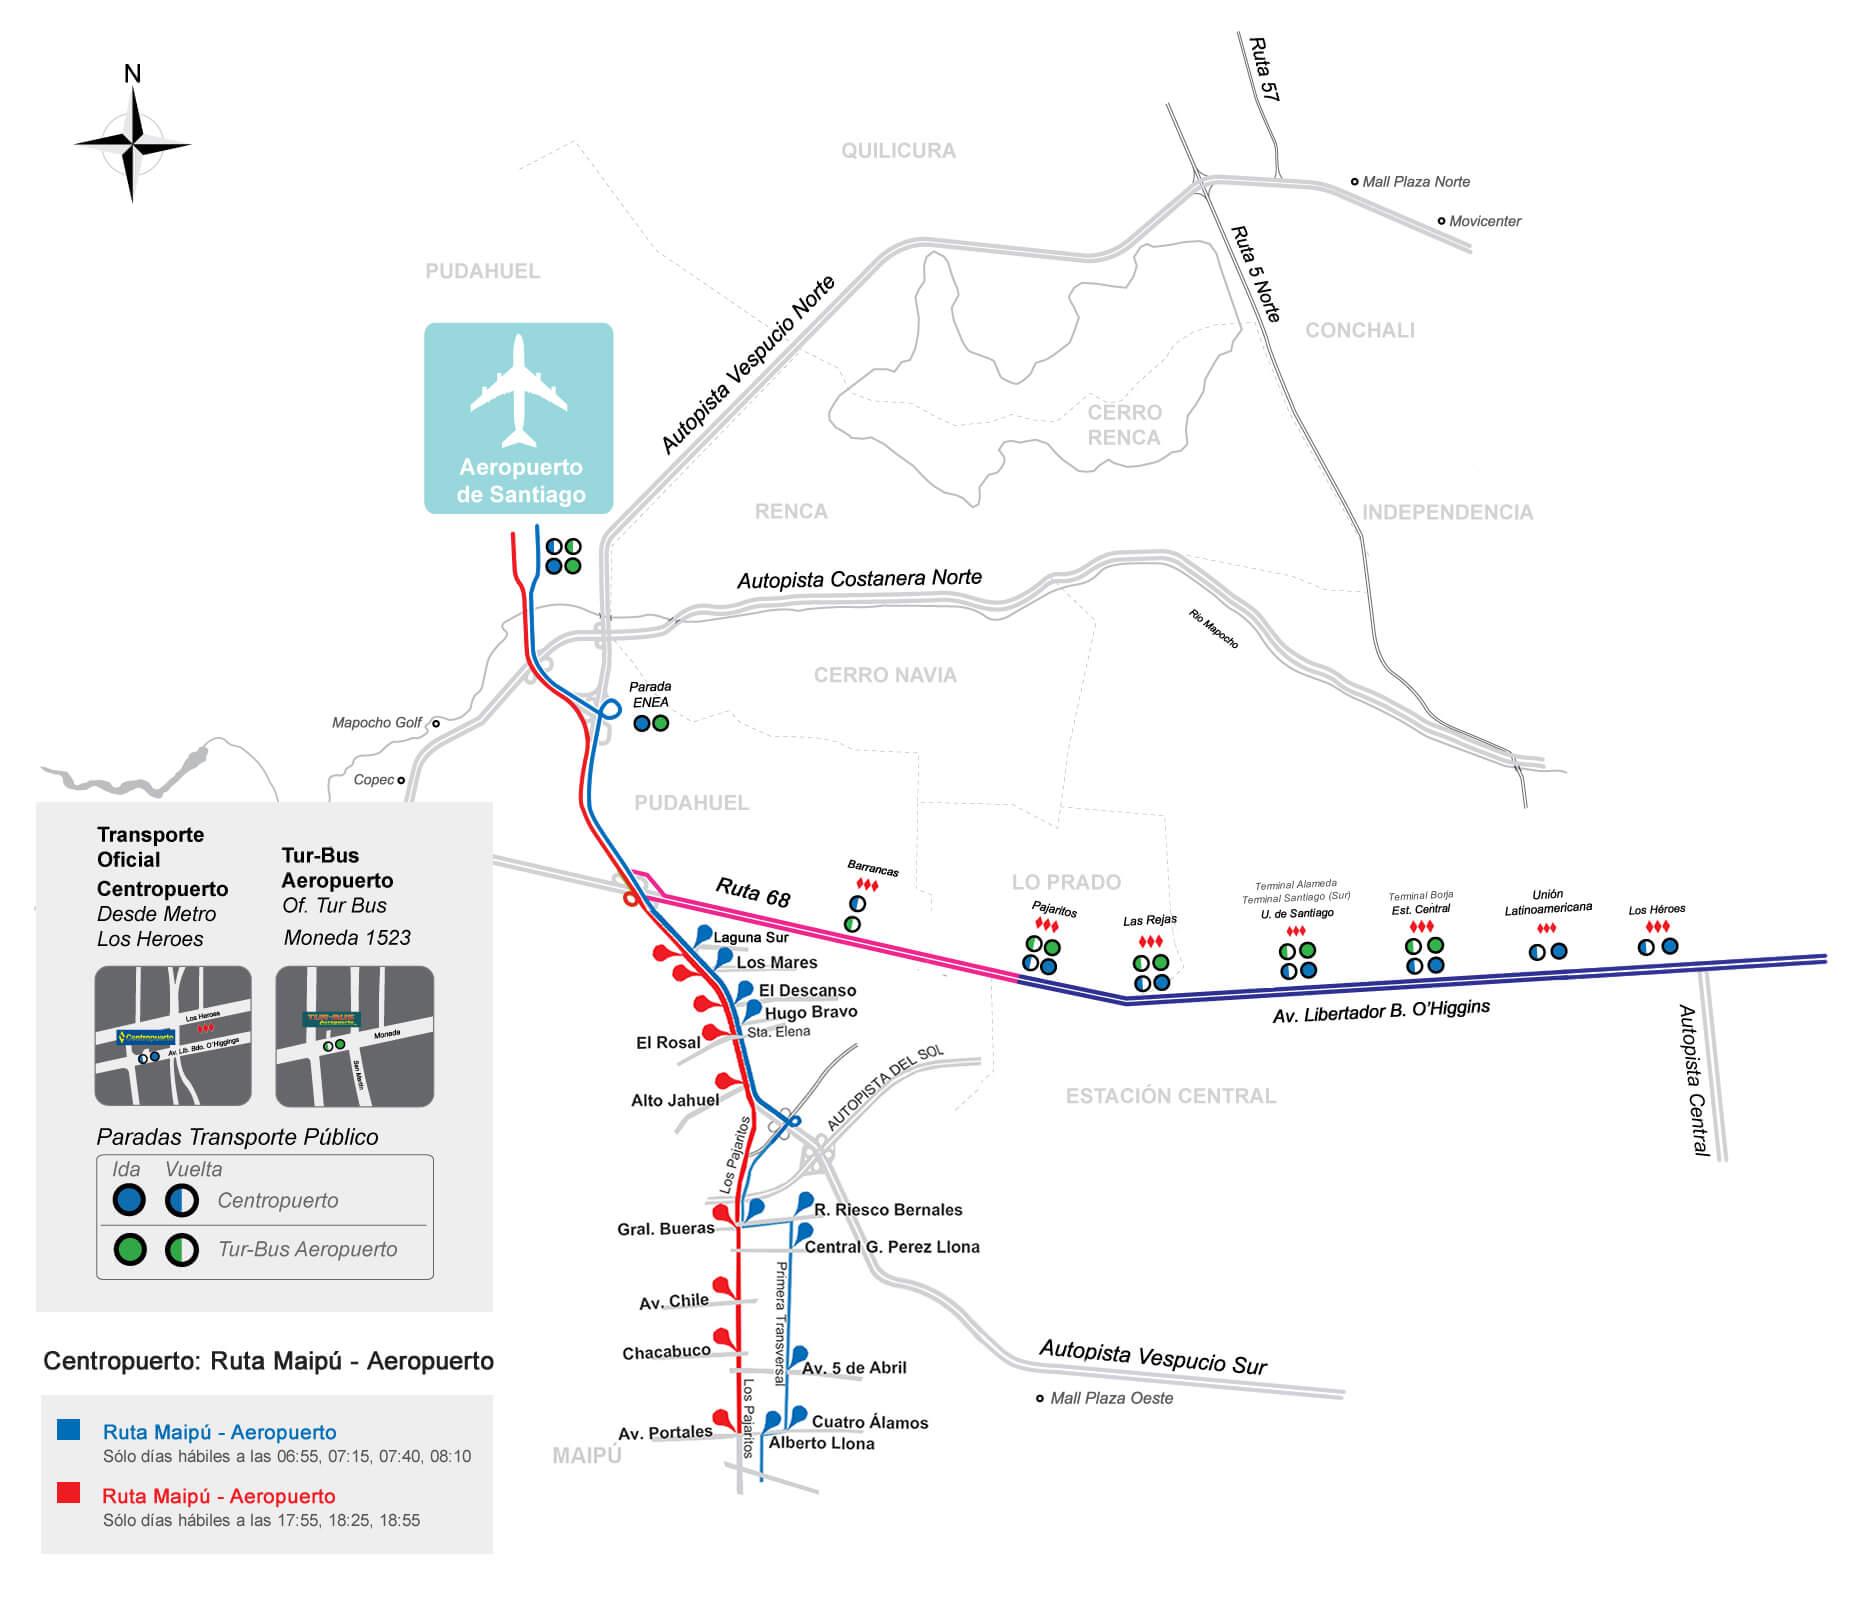 Plano Del Aeropuerto Nuevo Pudahuel